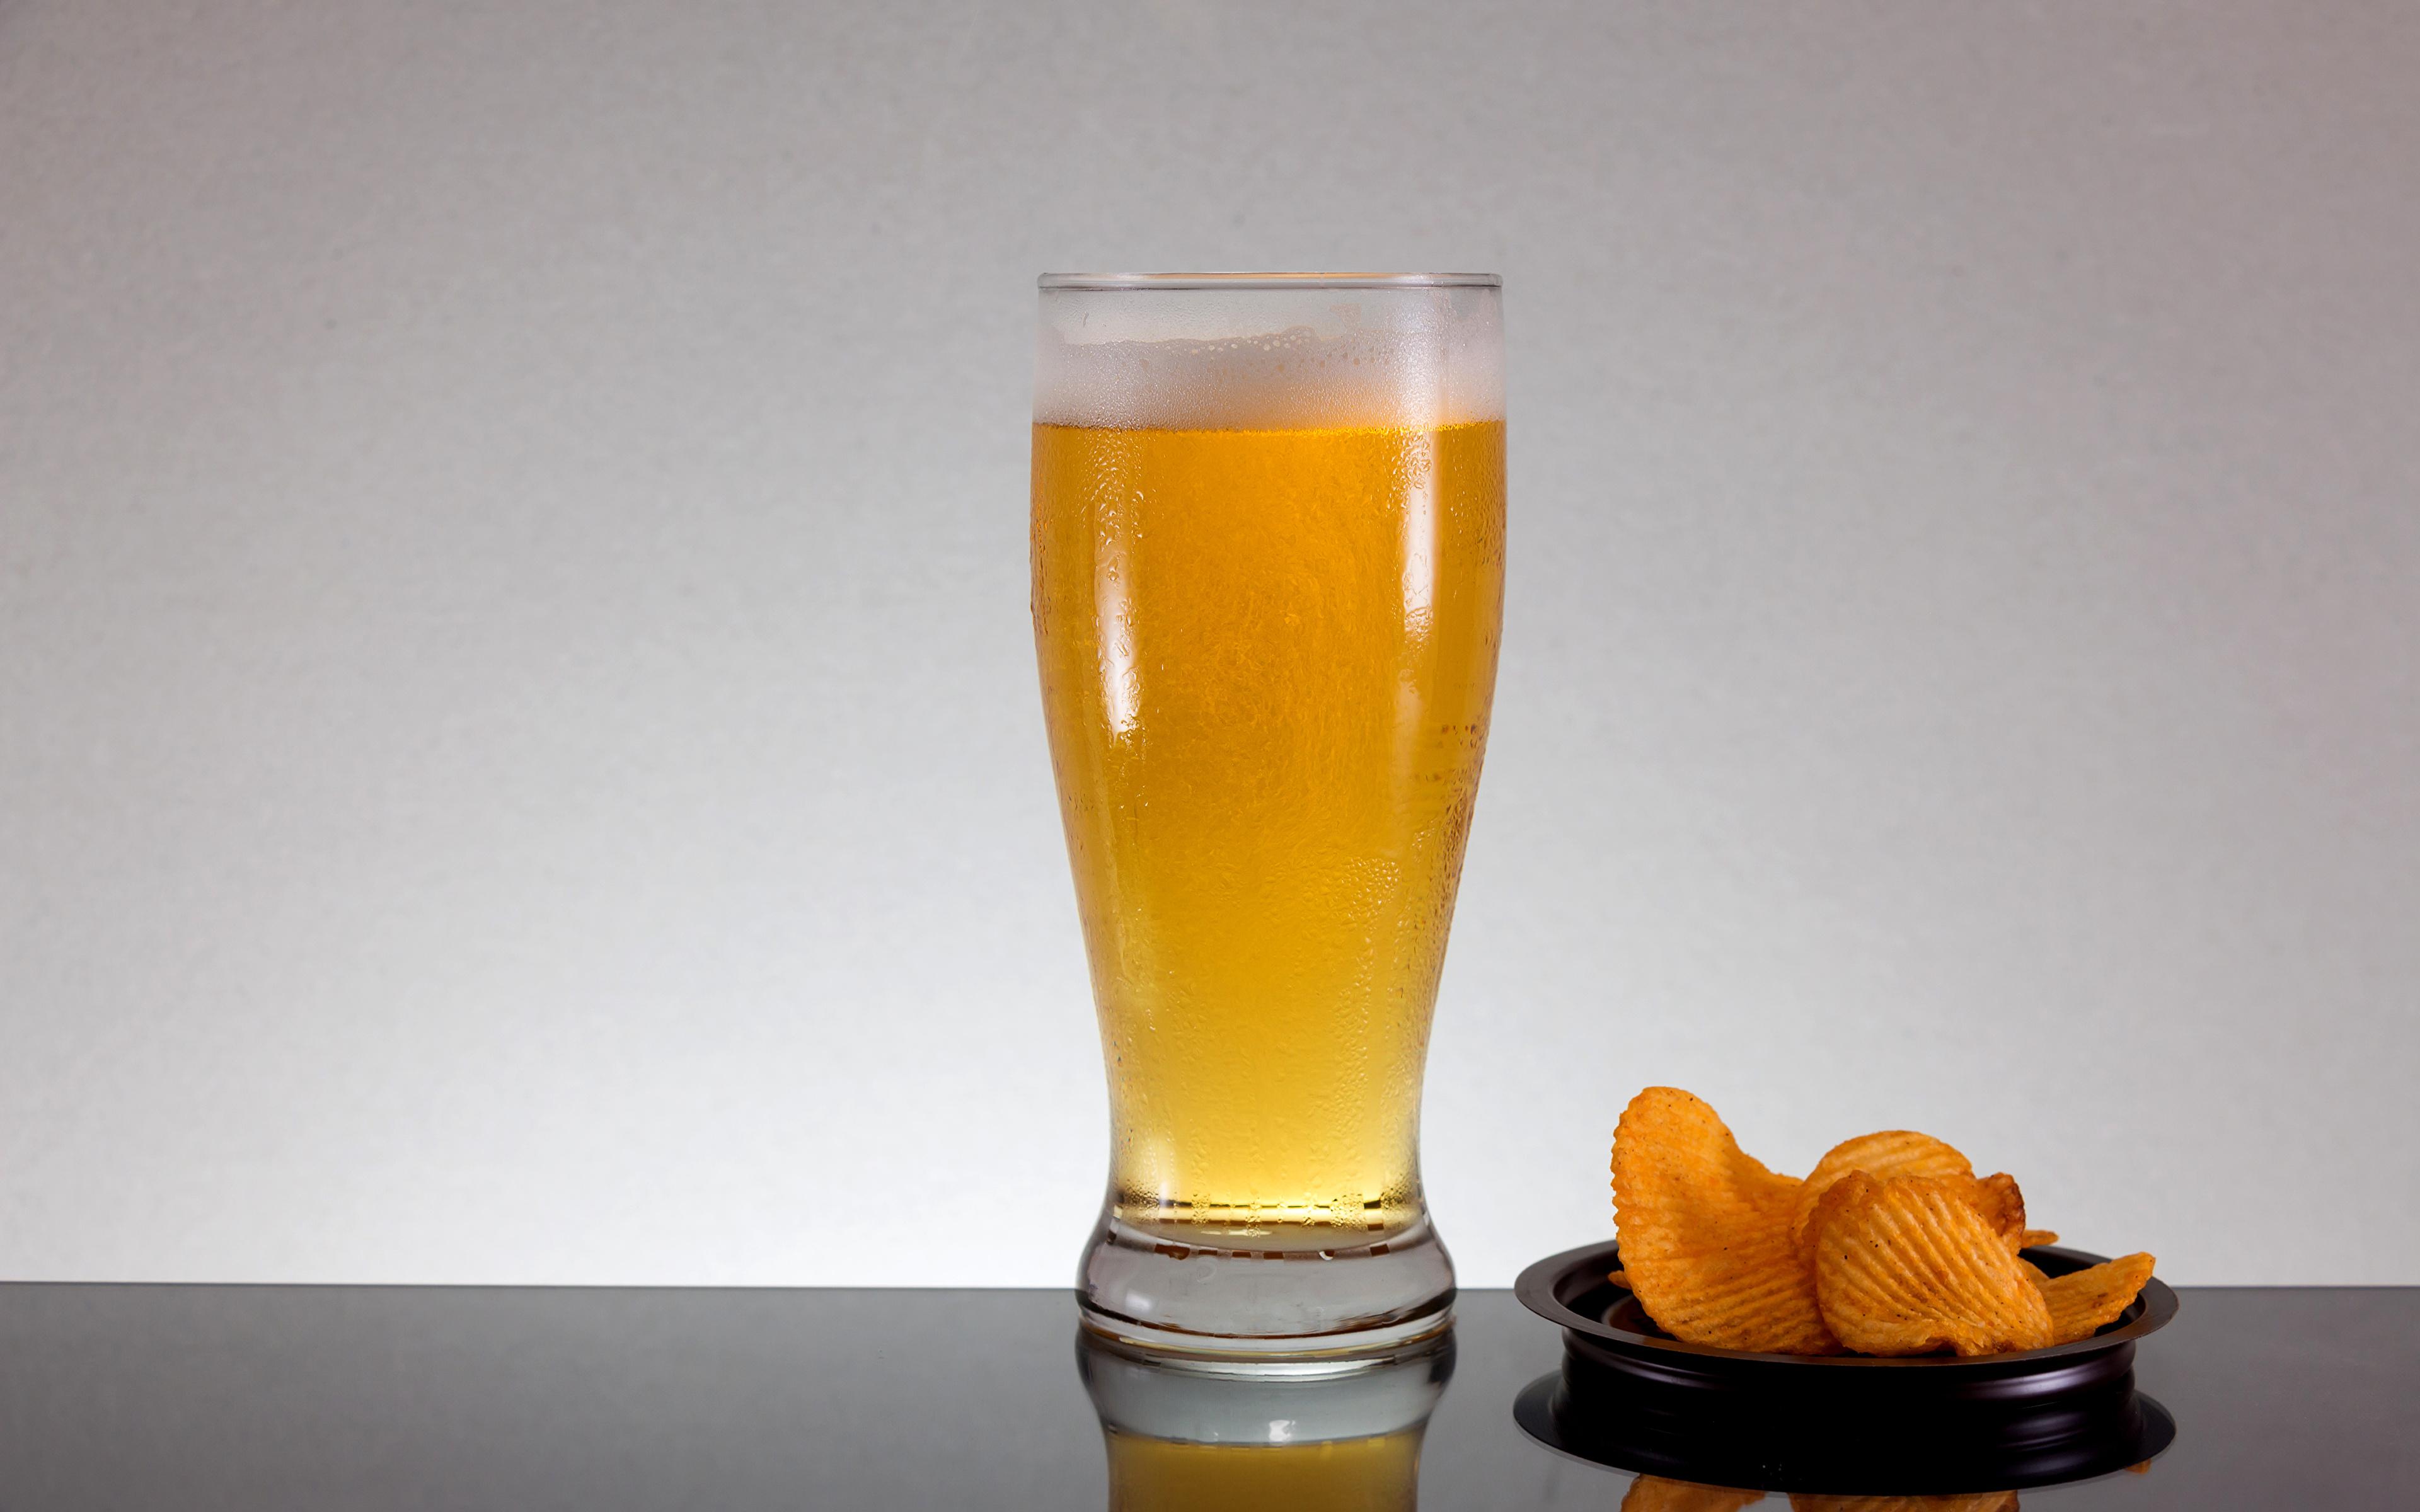 Фотография Пиво Чипсы стакане Еда Пена 3840x2400 Стакан стакана пене Пища пеной Продукты питания